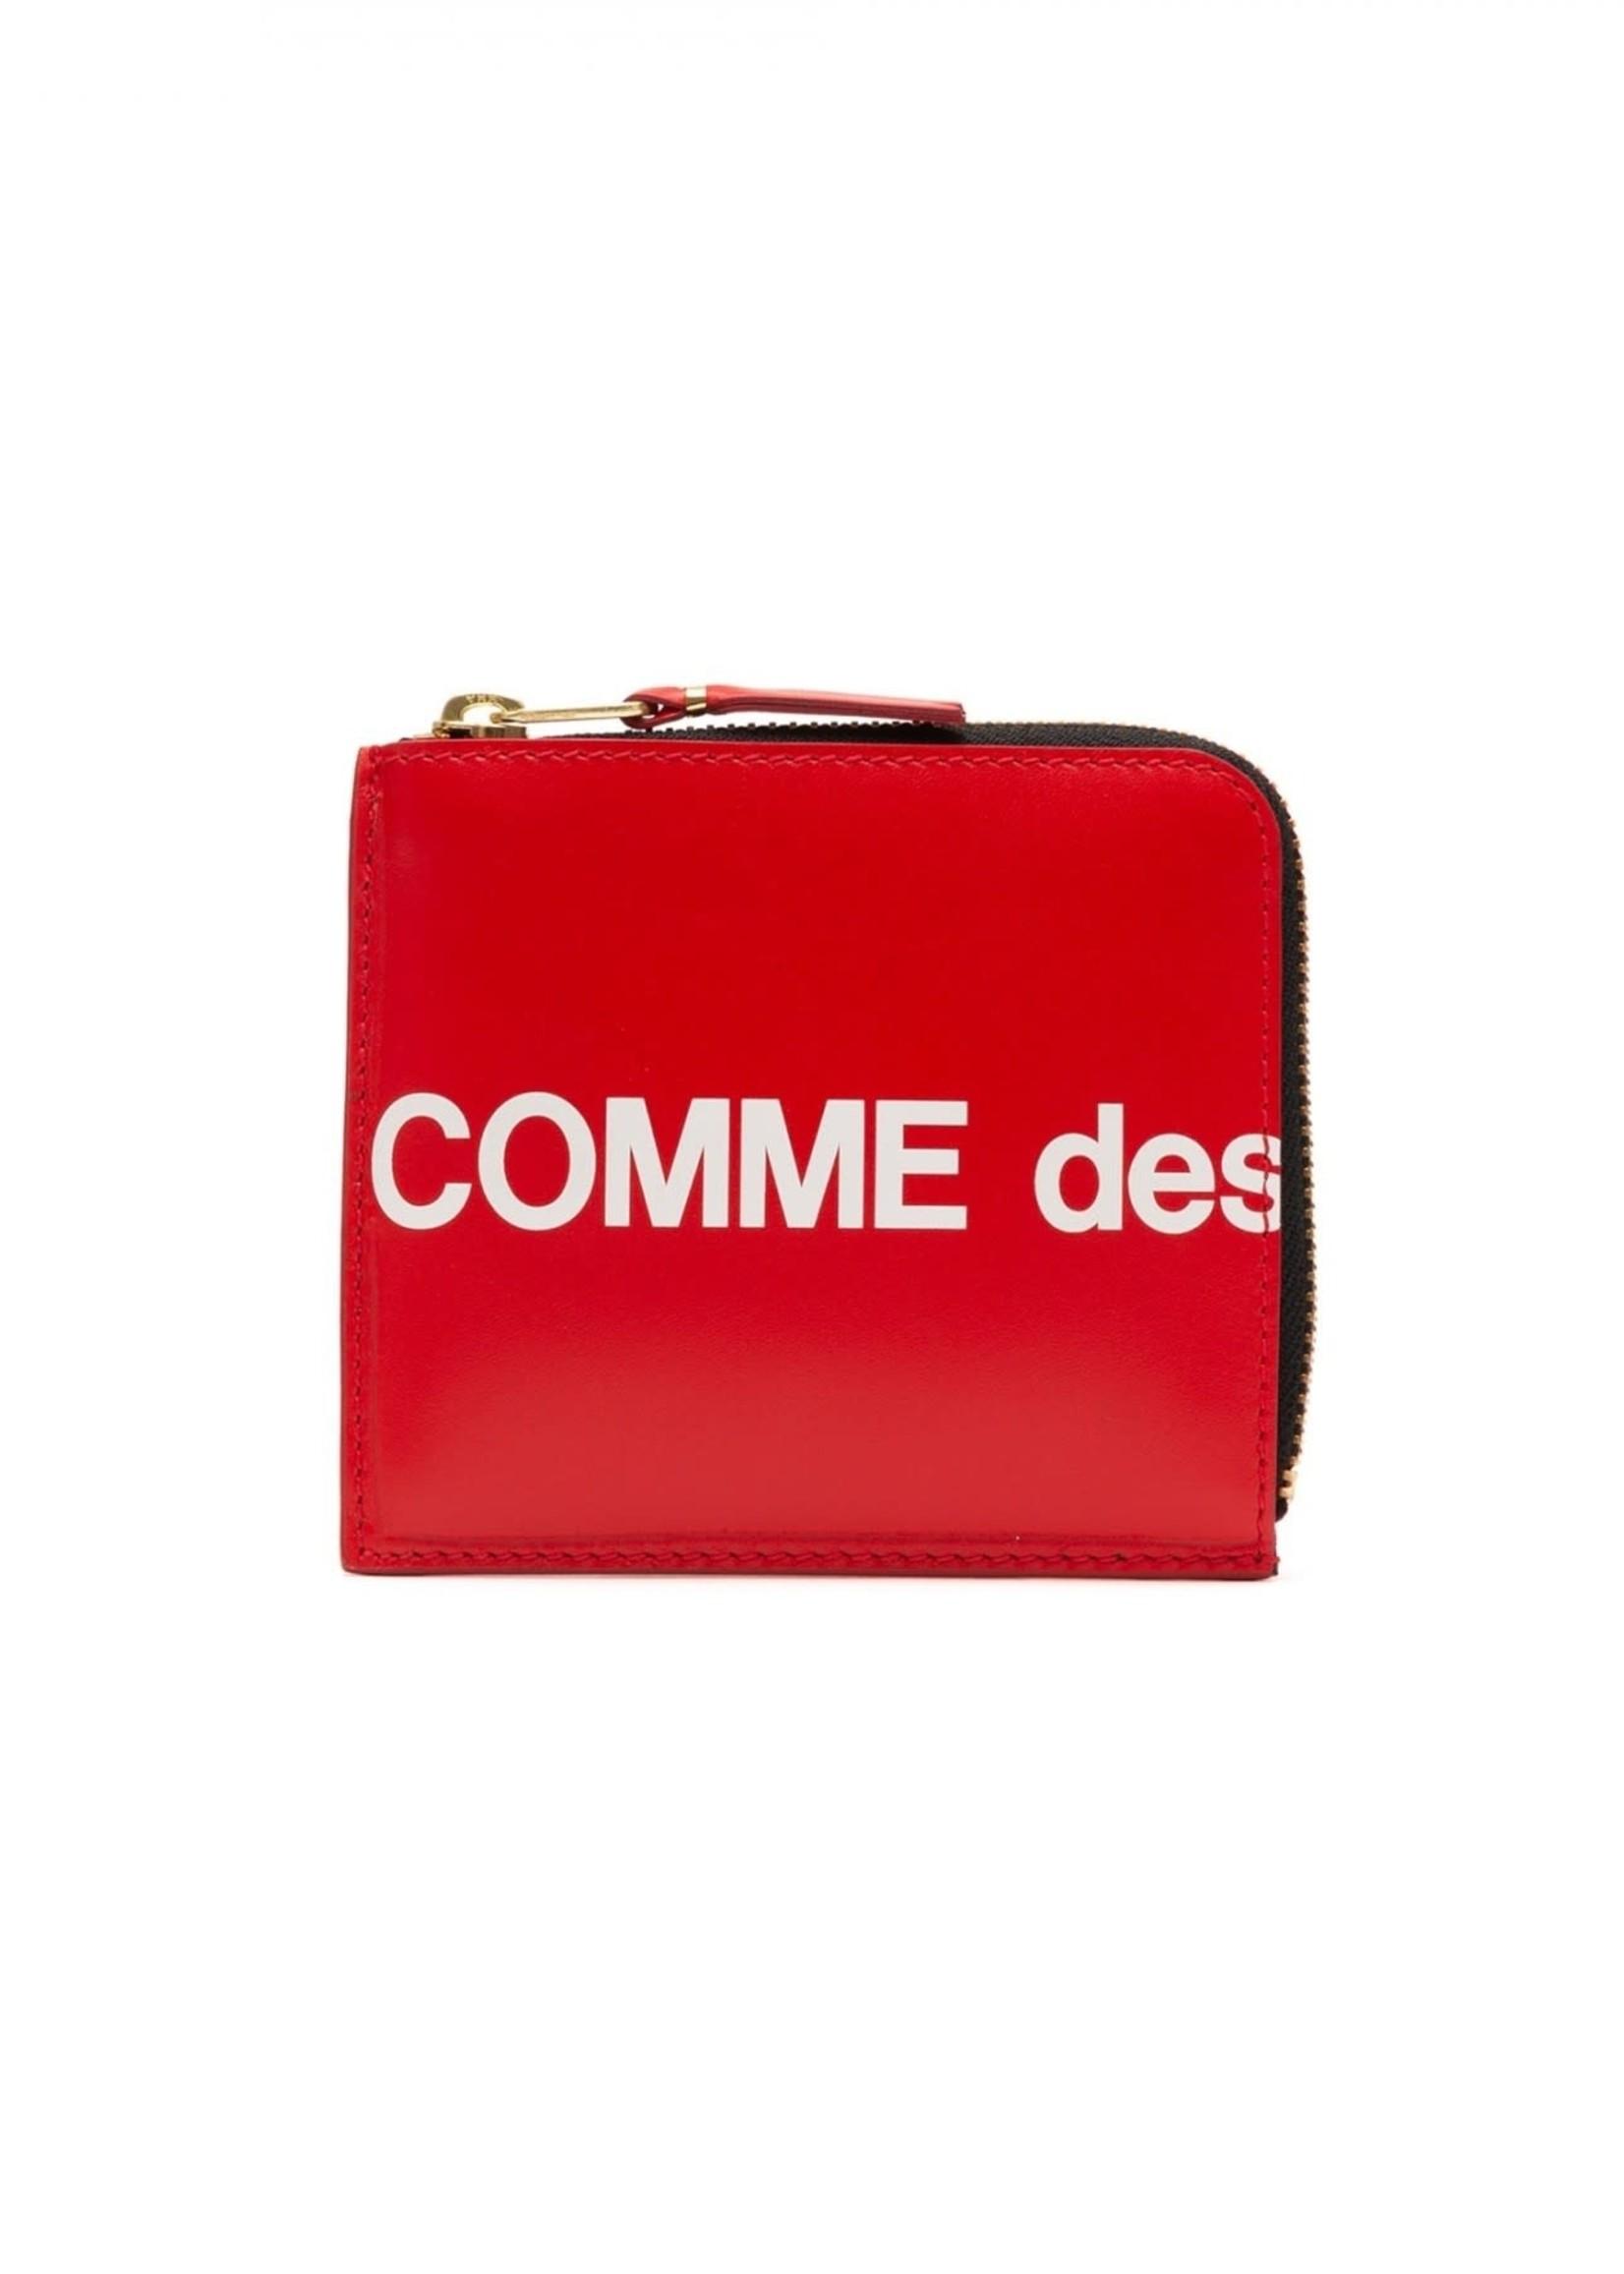 COMME des GARÇONS WALLET 1/2 Zip Huge Logo Wallet in Red